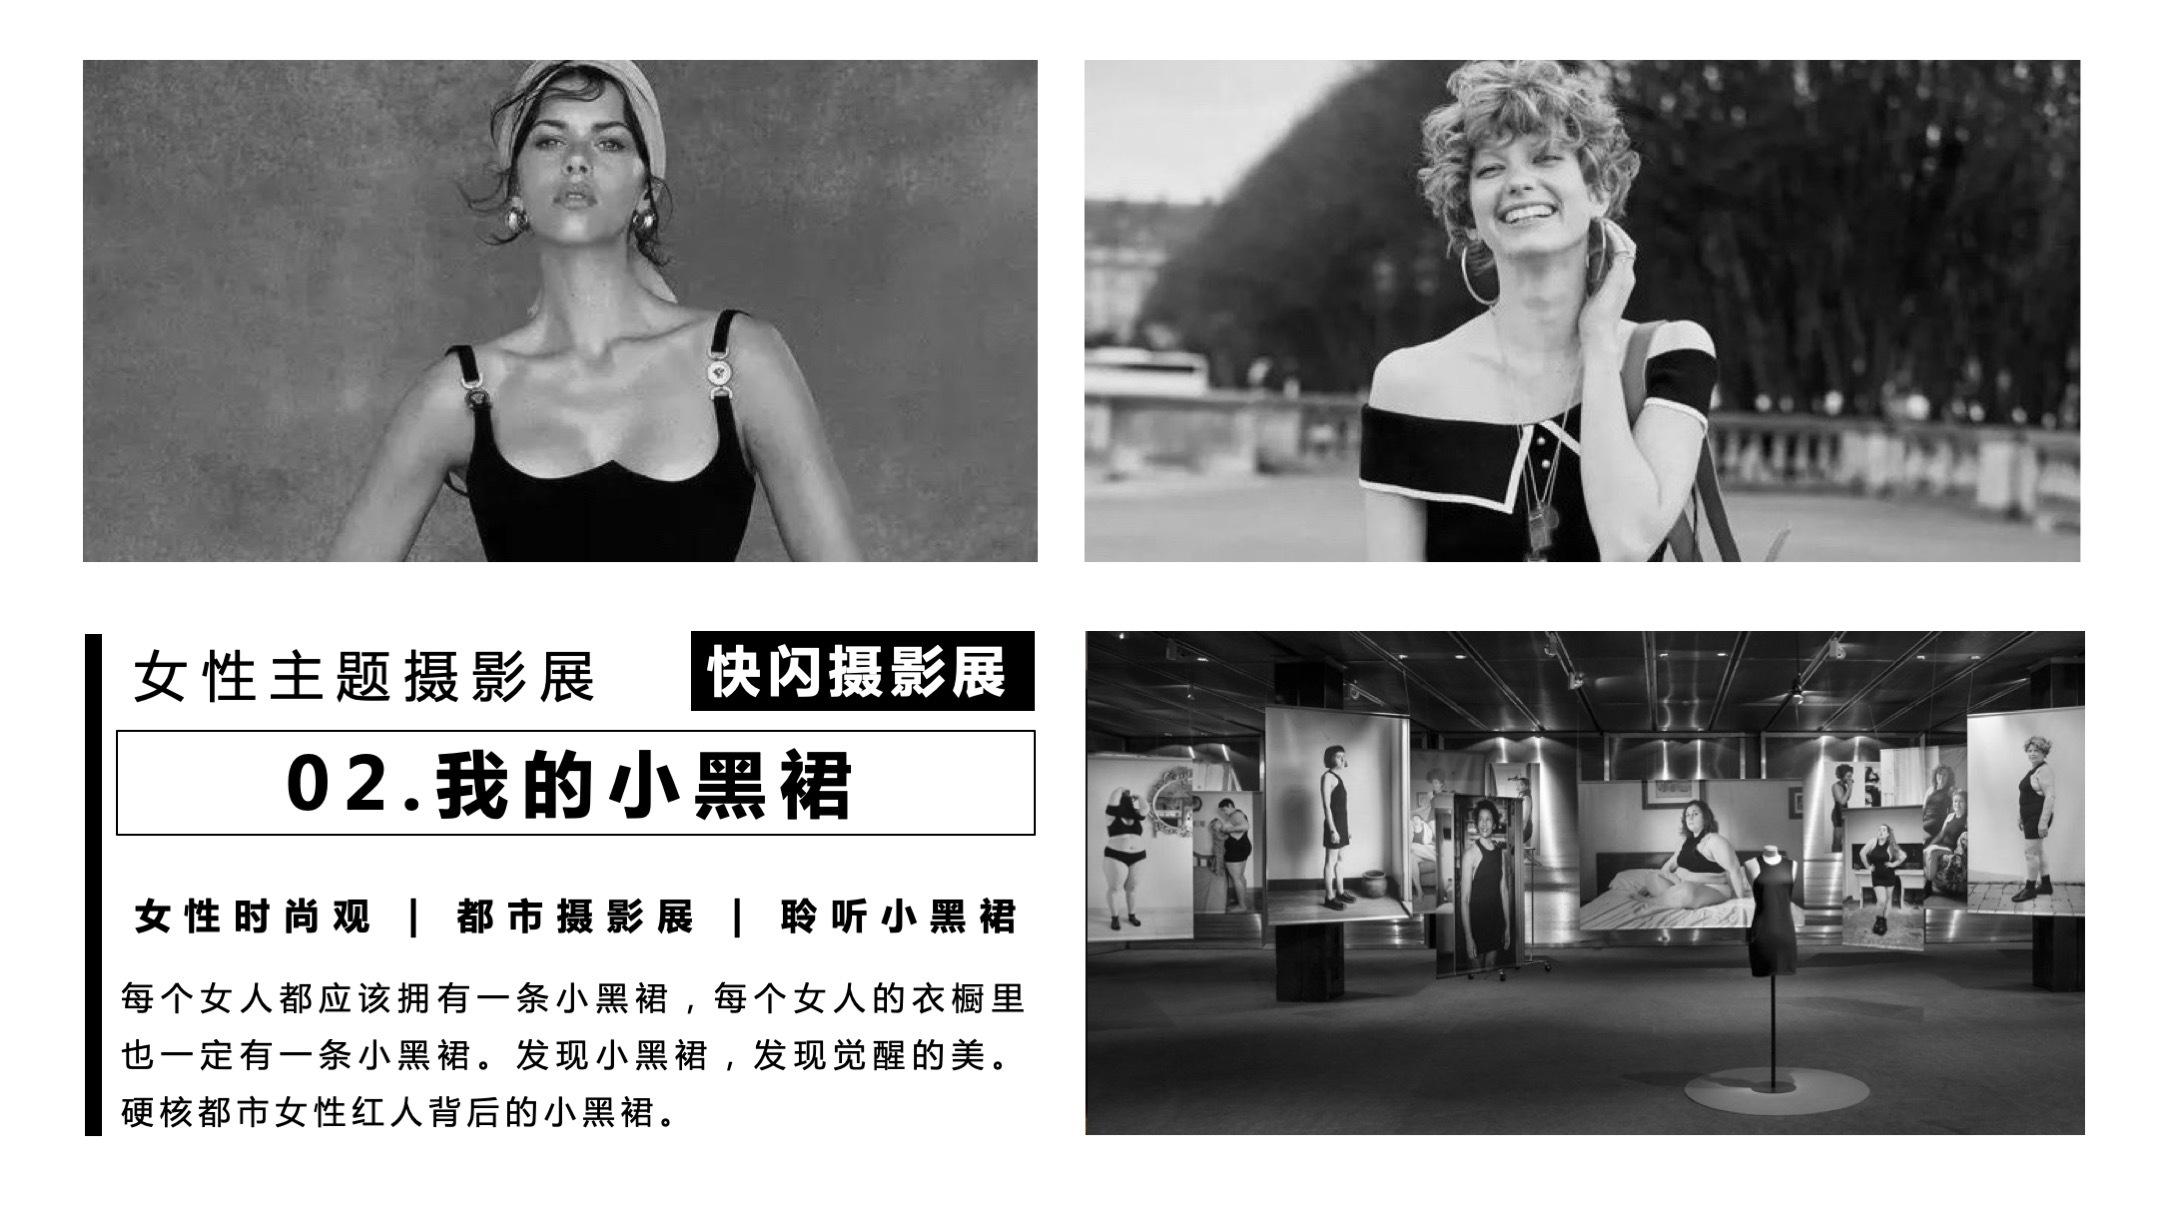 【觉醒之旅】香奈儿小黑裙艺术时尚收藏展—感映艺术出品